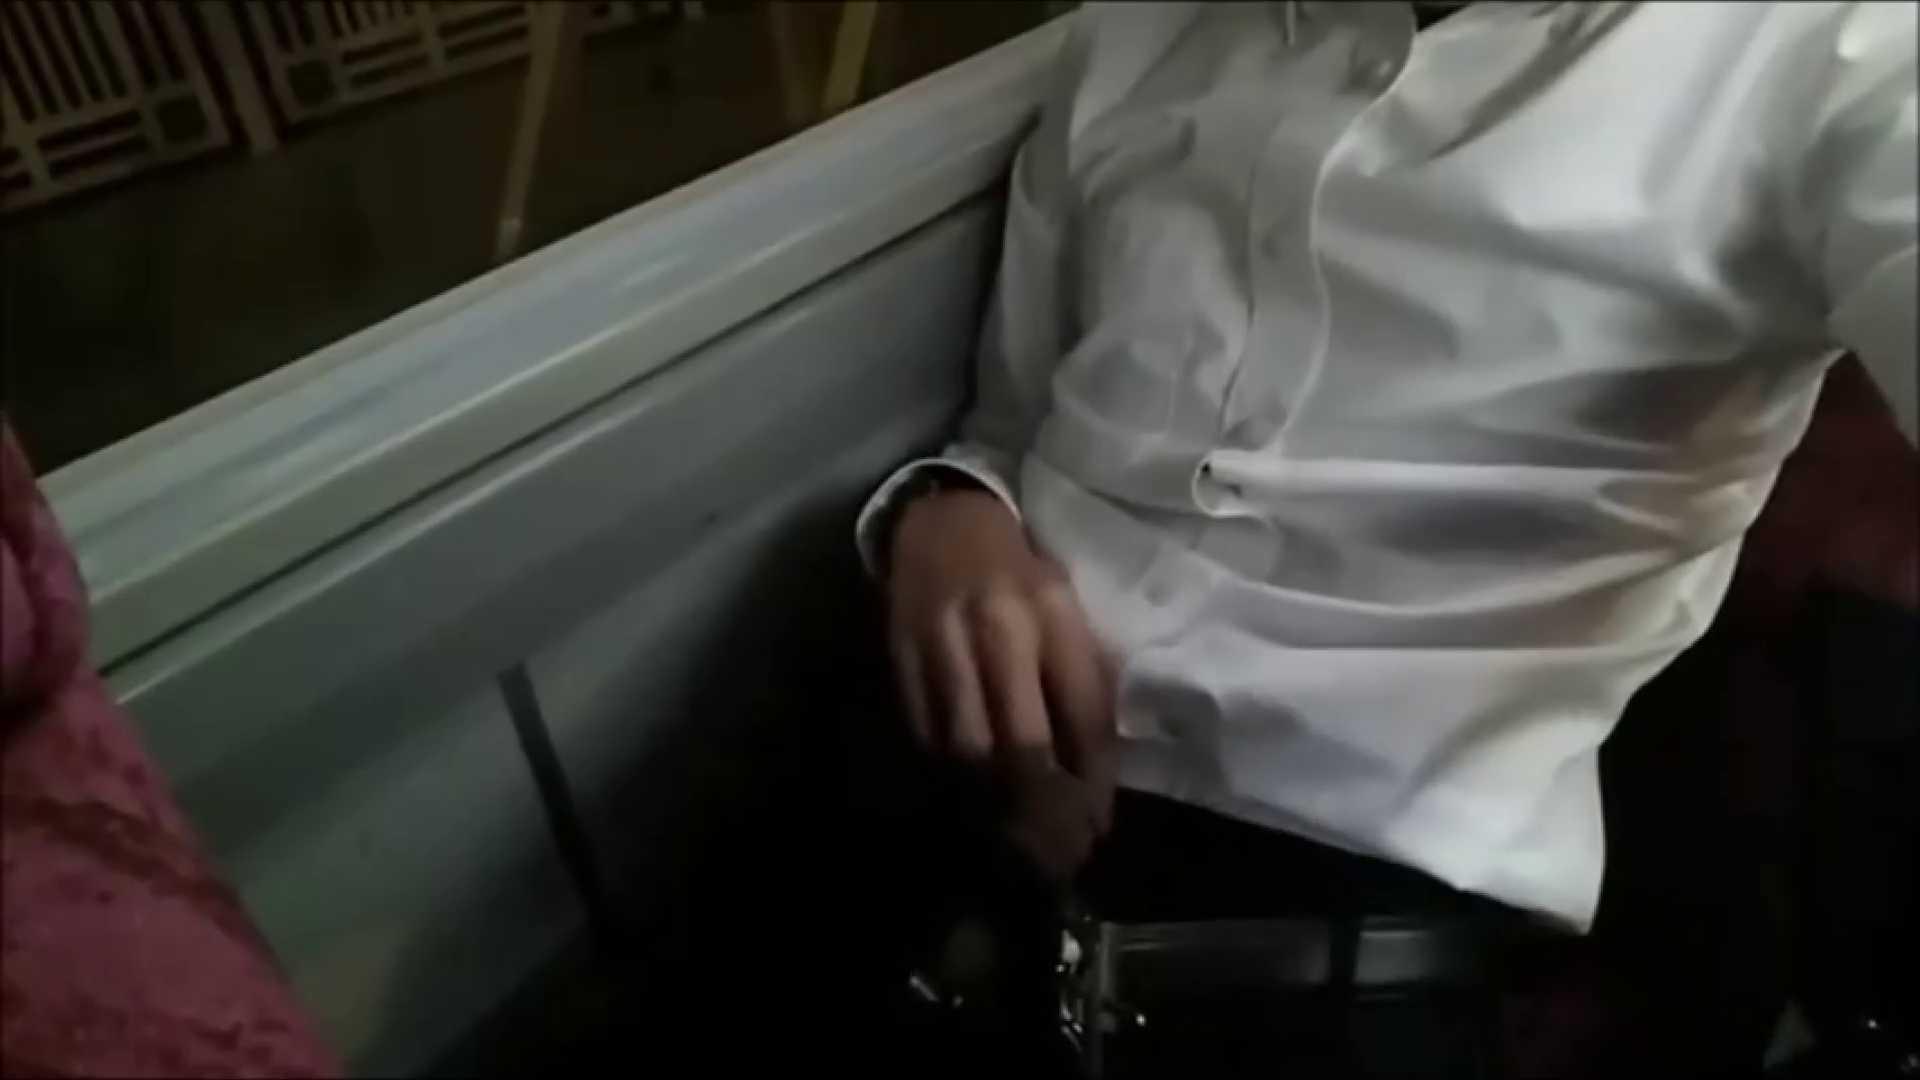 巨根 オナニー塾Vol.13 野外露出 ゲイ素人エロ画像 102枚 52